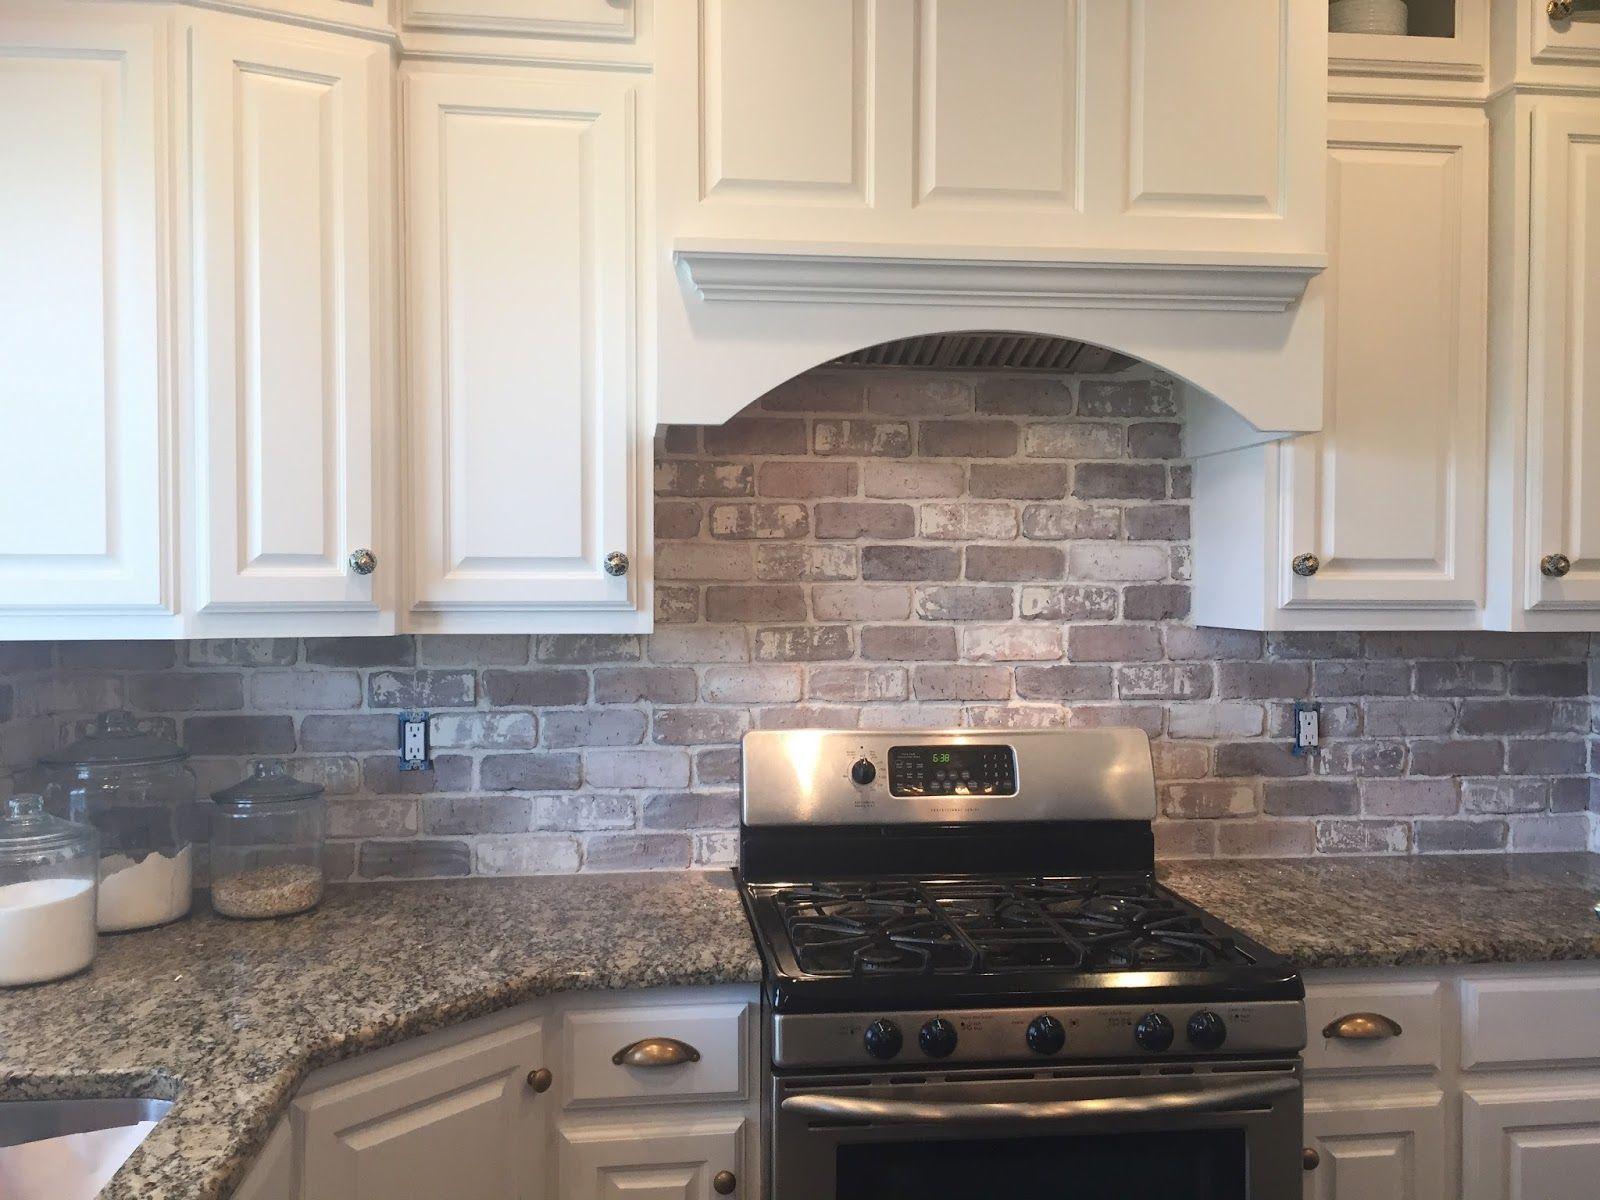 Ideen für küchenhauben pin von jennyus diy home decor ideas auf diy home decor suggestions